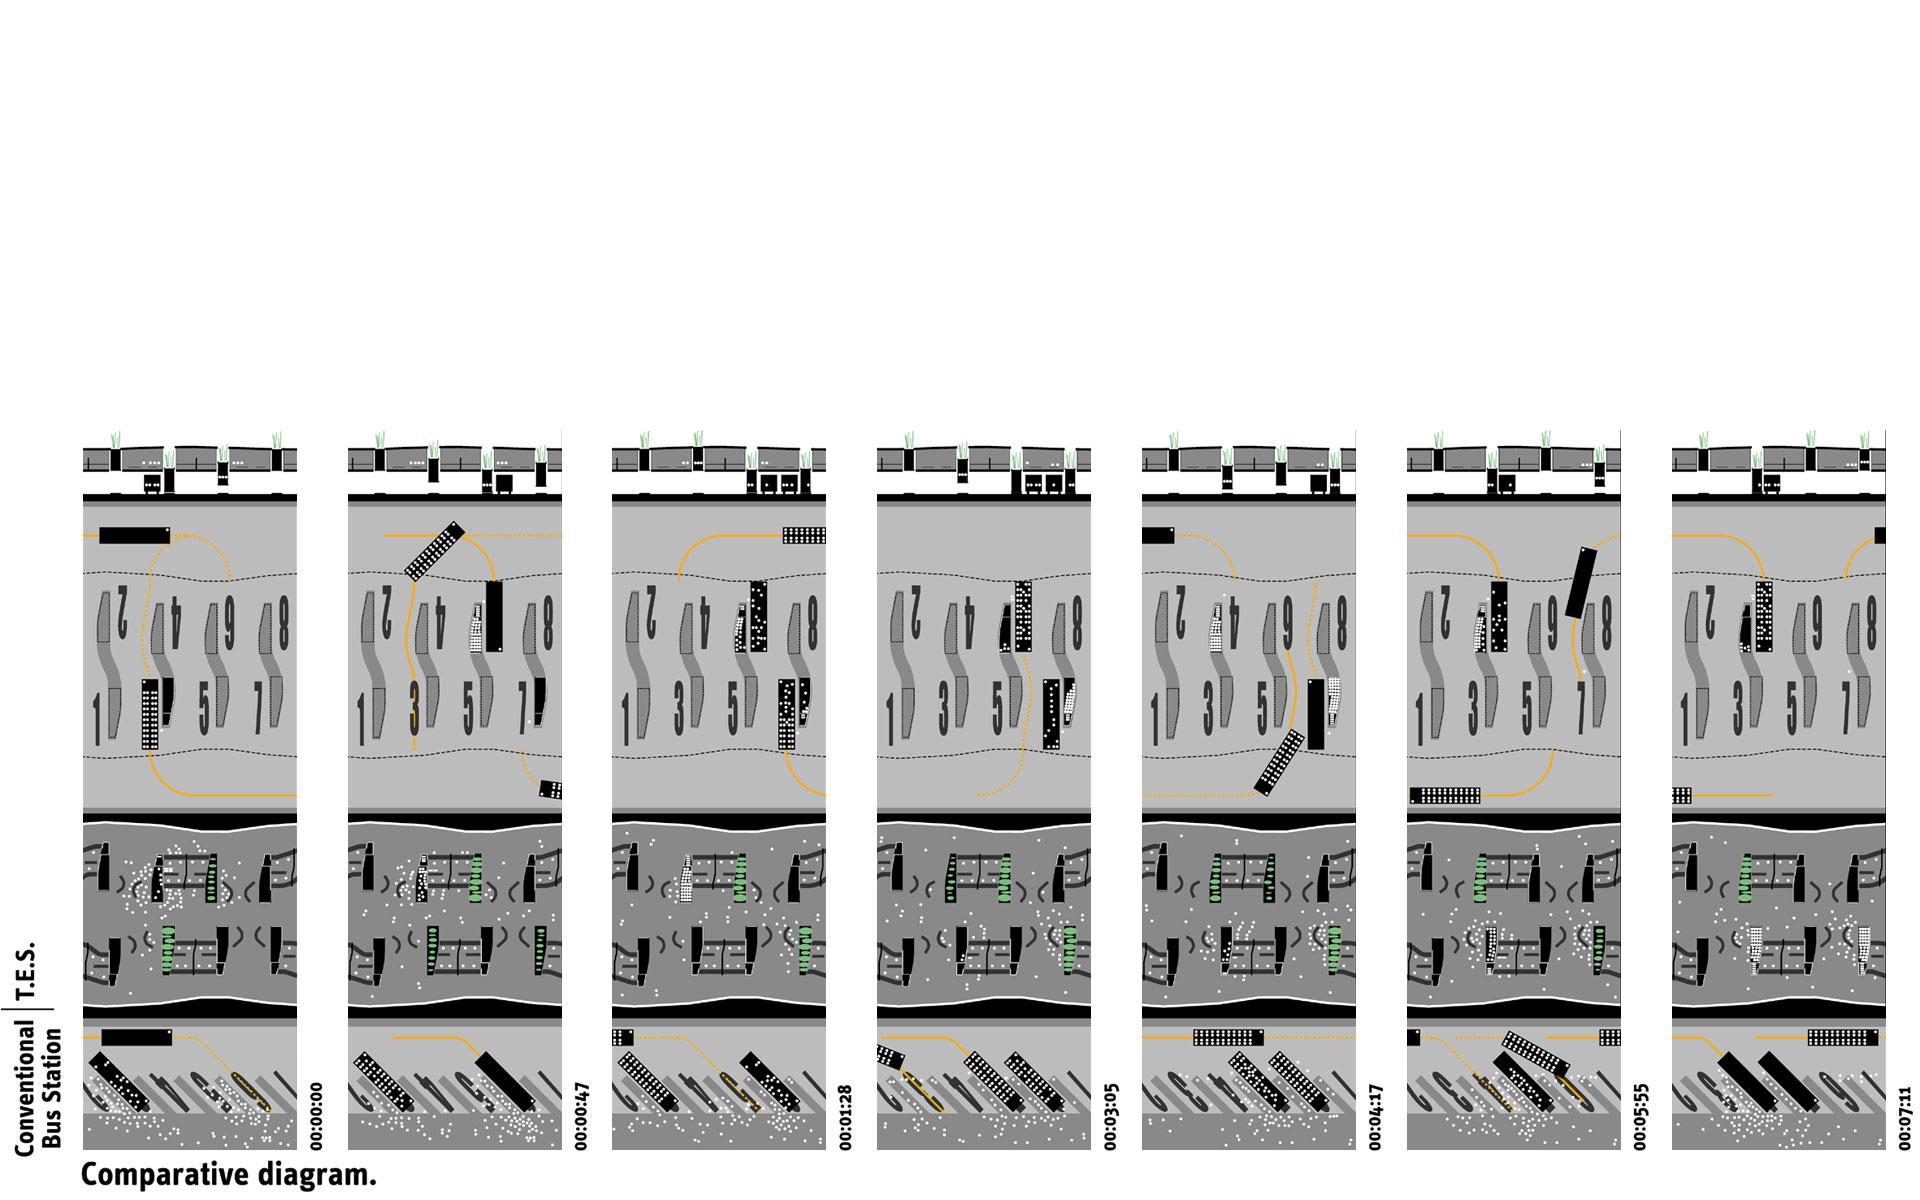 diagrama comparativo de eficiencia tranporte